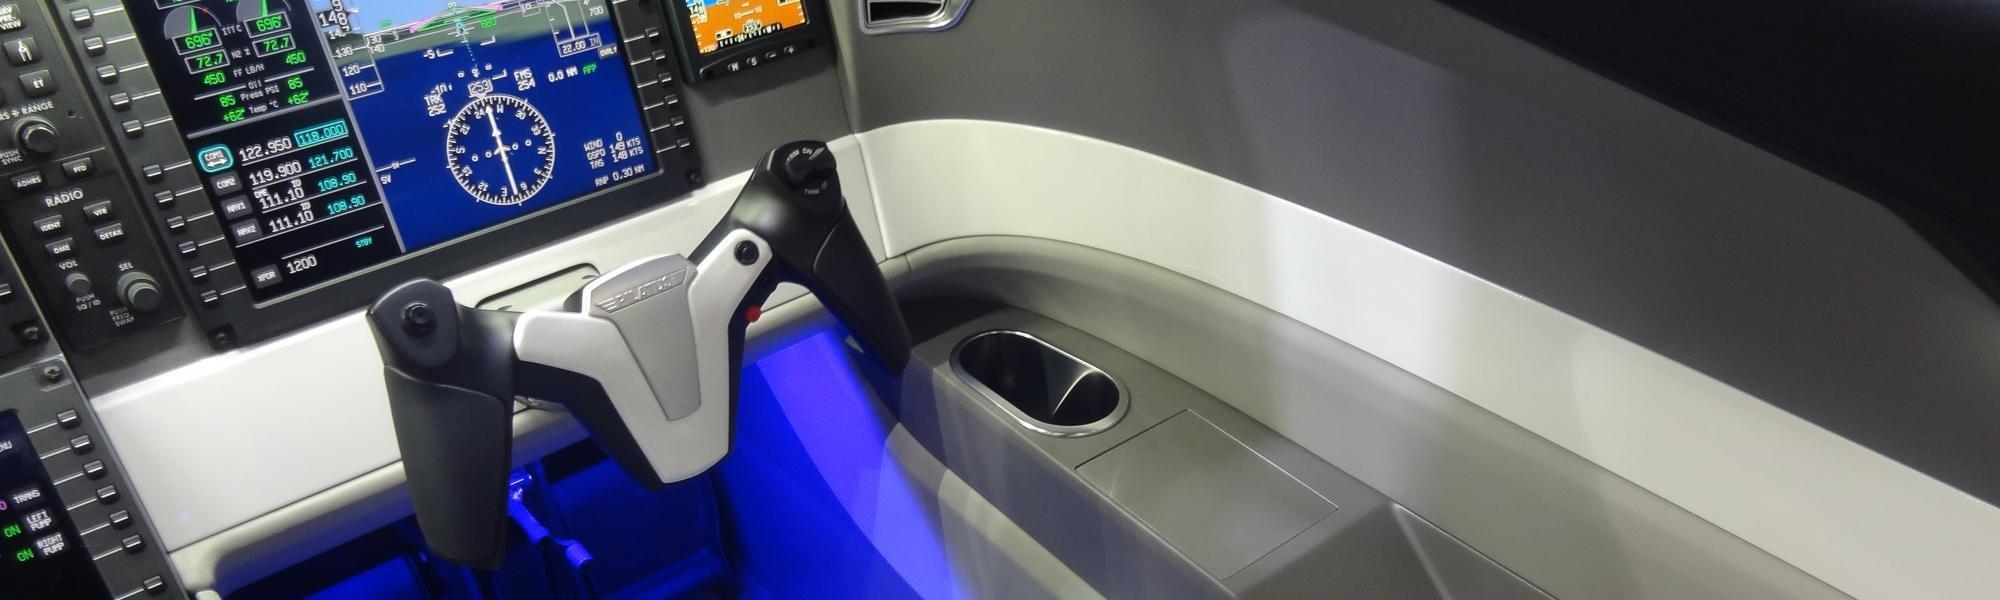 Carbon und Kunststoff Teile Luftfahrt